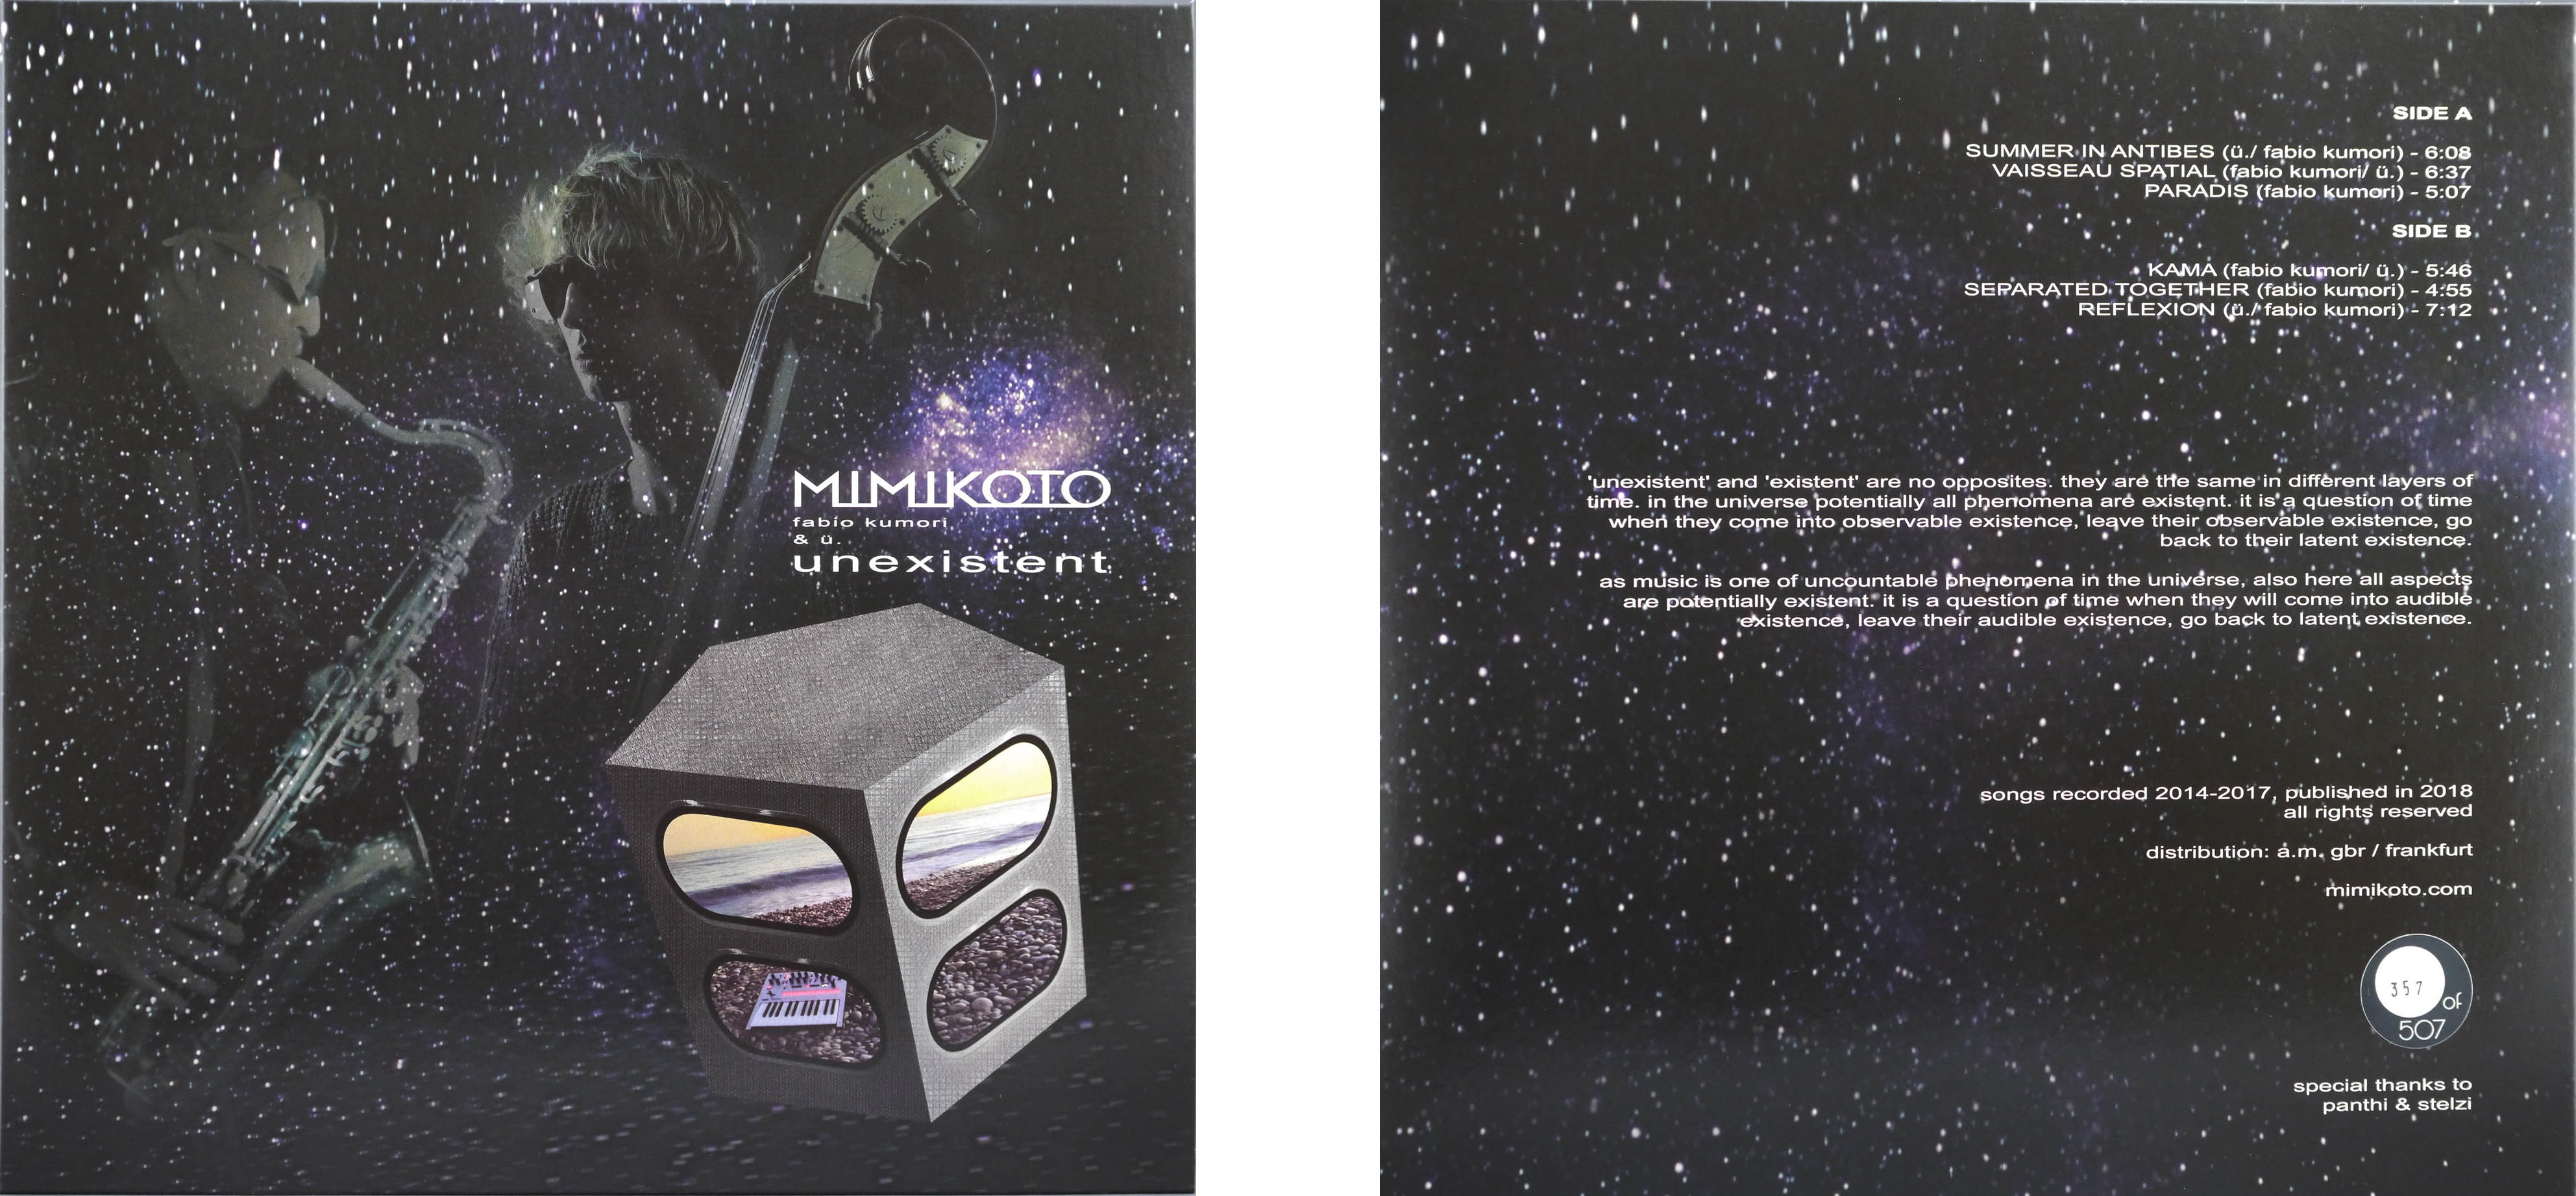 MIMIKOTO - unexistent LP